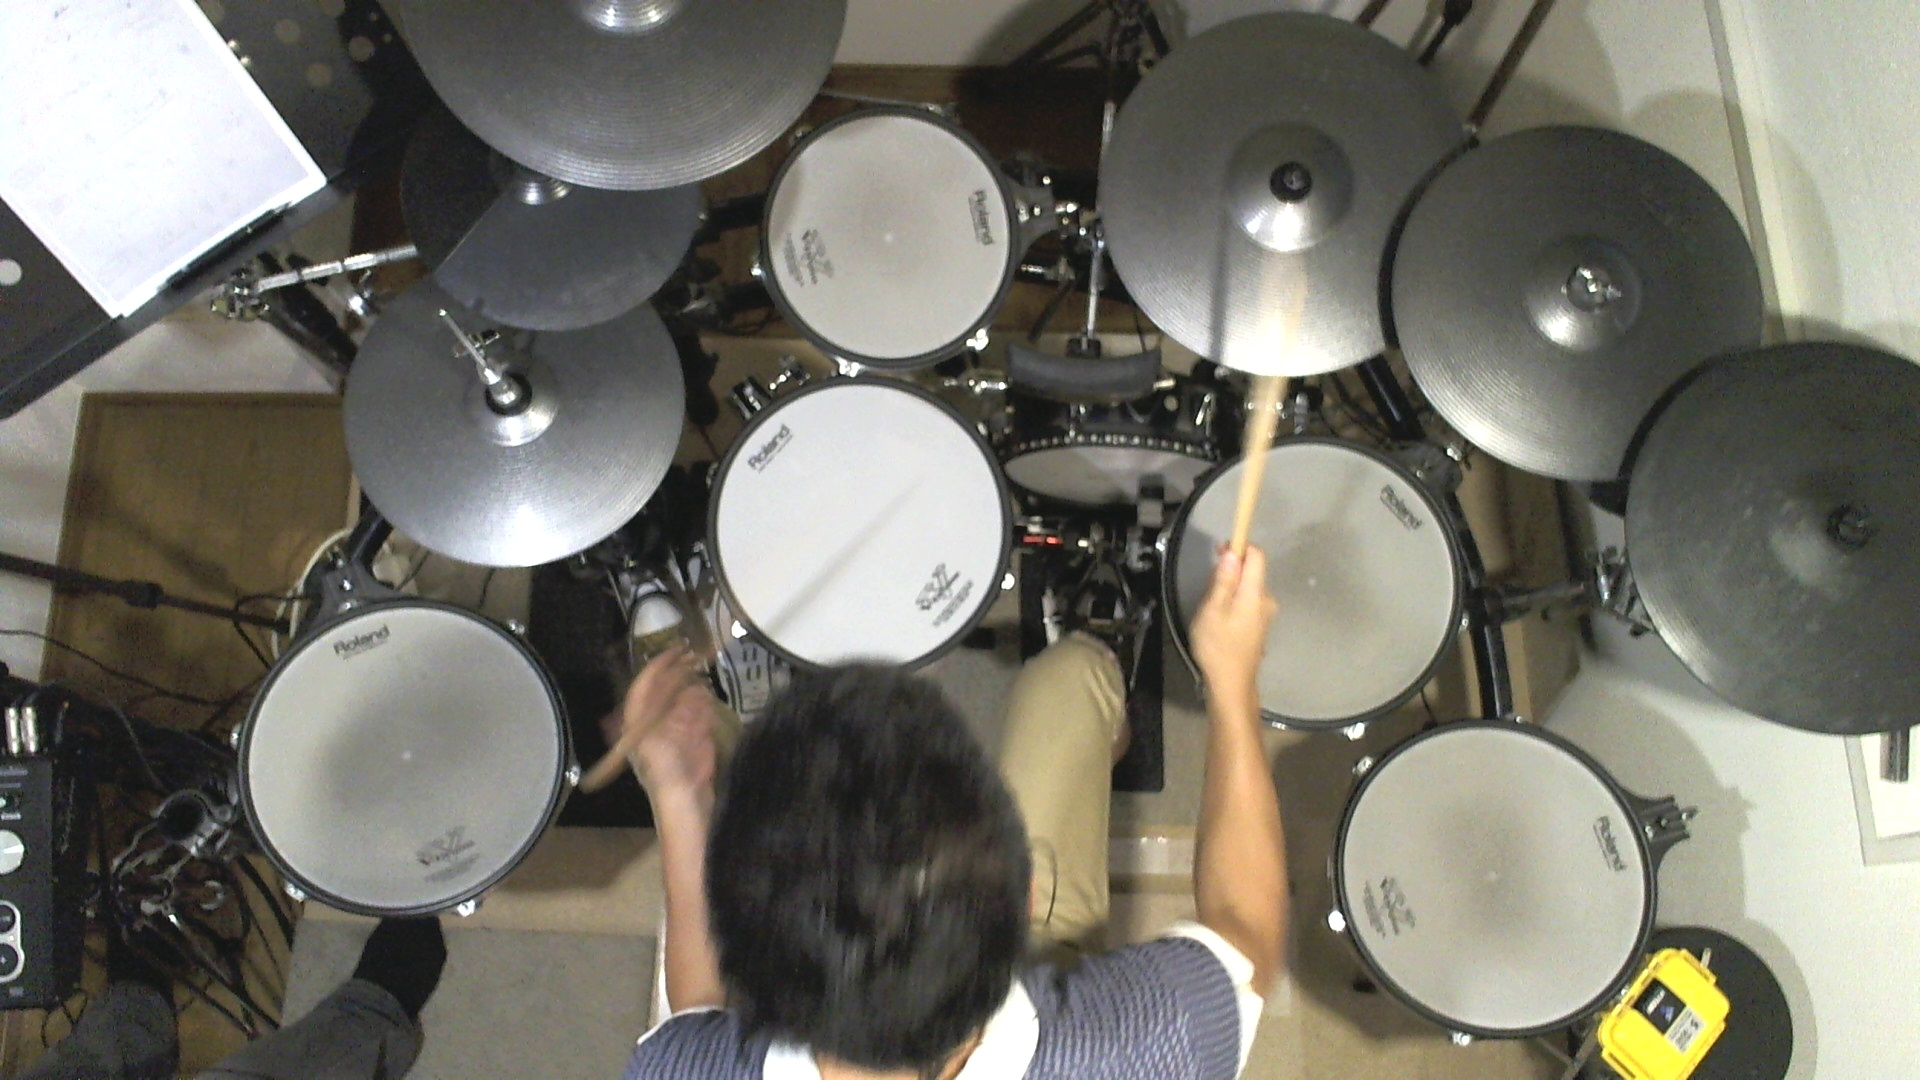 Vドラム CDレコーディング